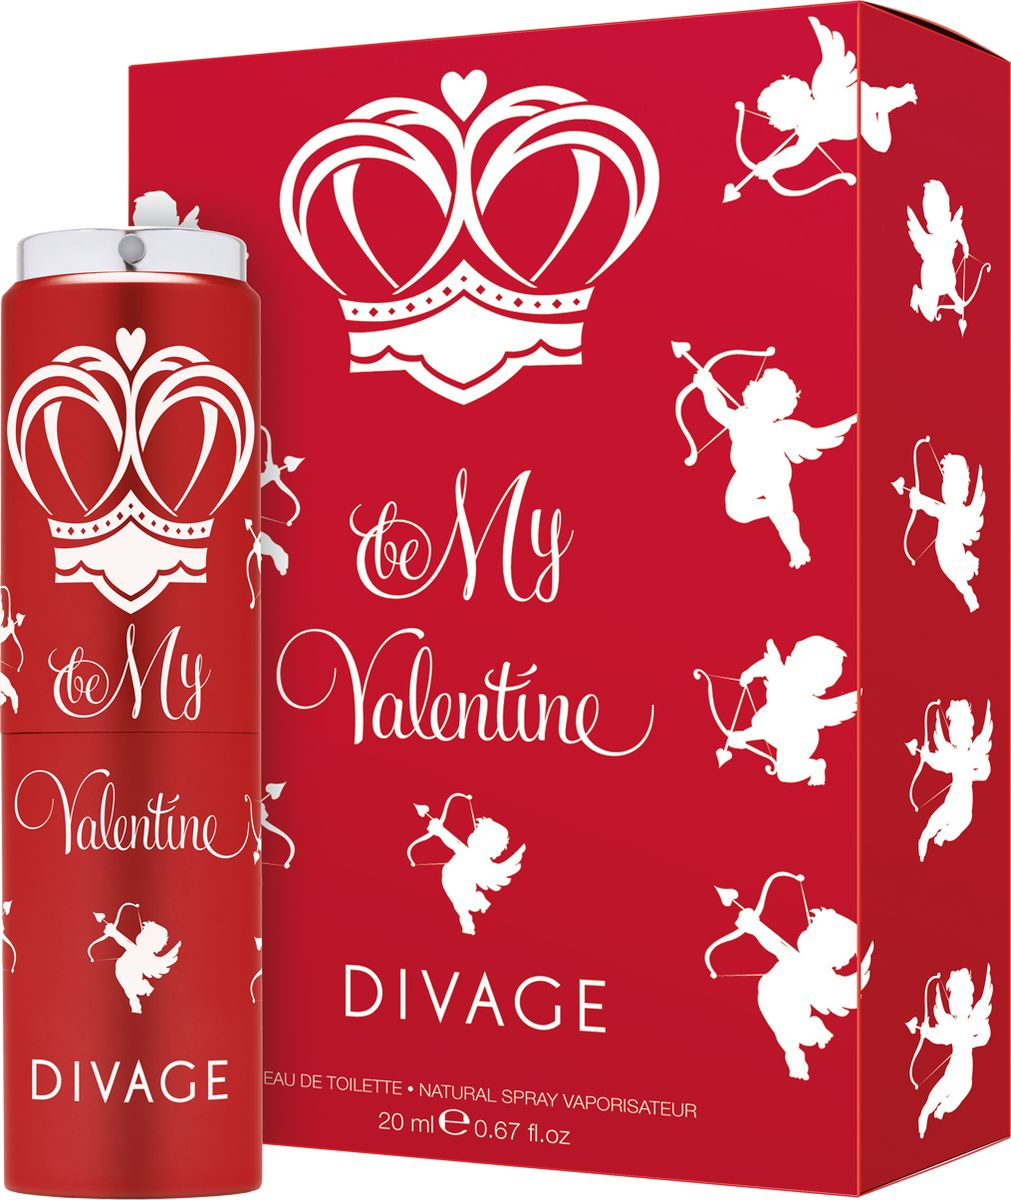 Divage Туалетная Вода Be my valentine 20 млDVEDT011Самая прекрасная история любви, воплощена в этом чувственном, цветочно-древесном аромате. Пленительный гальбанум, зеленый шипр, сладкий бархатный персик, роскошная и благоухающая белая роза плавно переплетаются с нежным мускусом и чувственным пачули и дарят настоящее романтическое настроение. Влюбляйся, целуй, будь невероятно женственной, обольстительной и привлекательной!